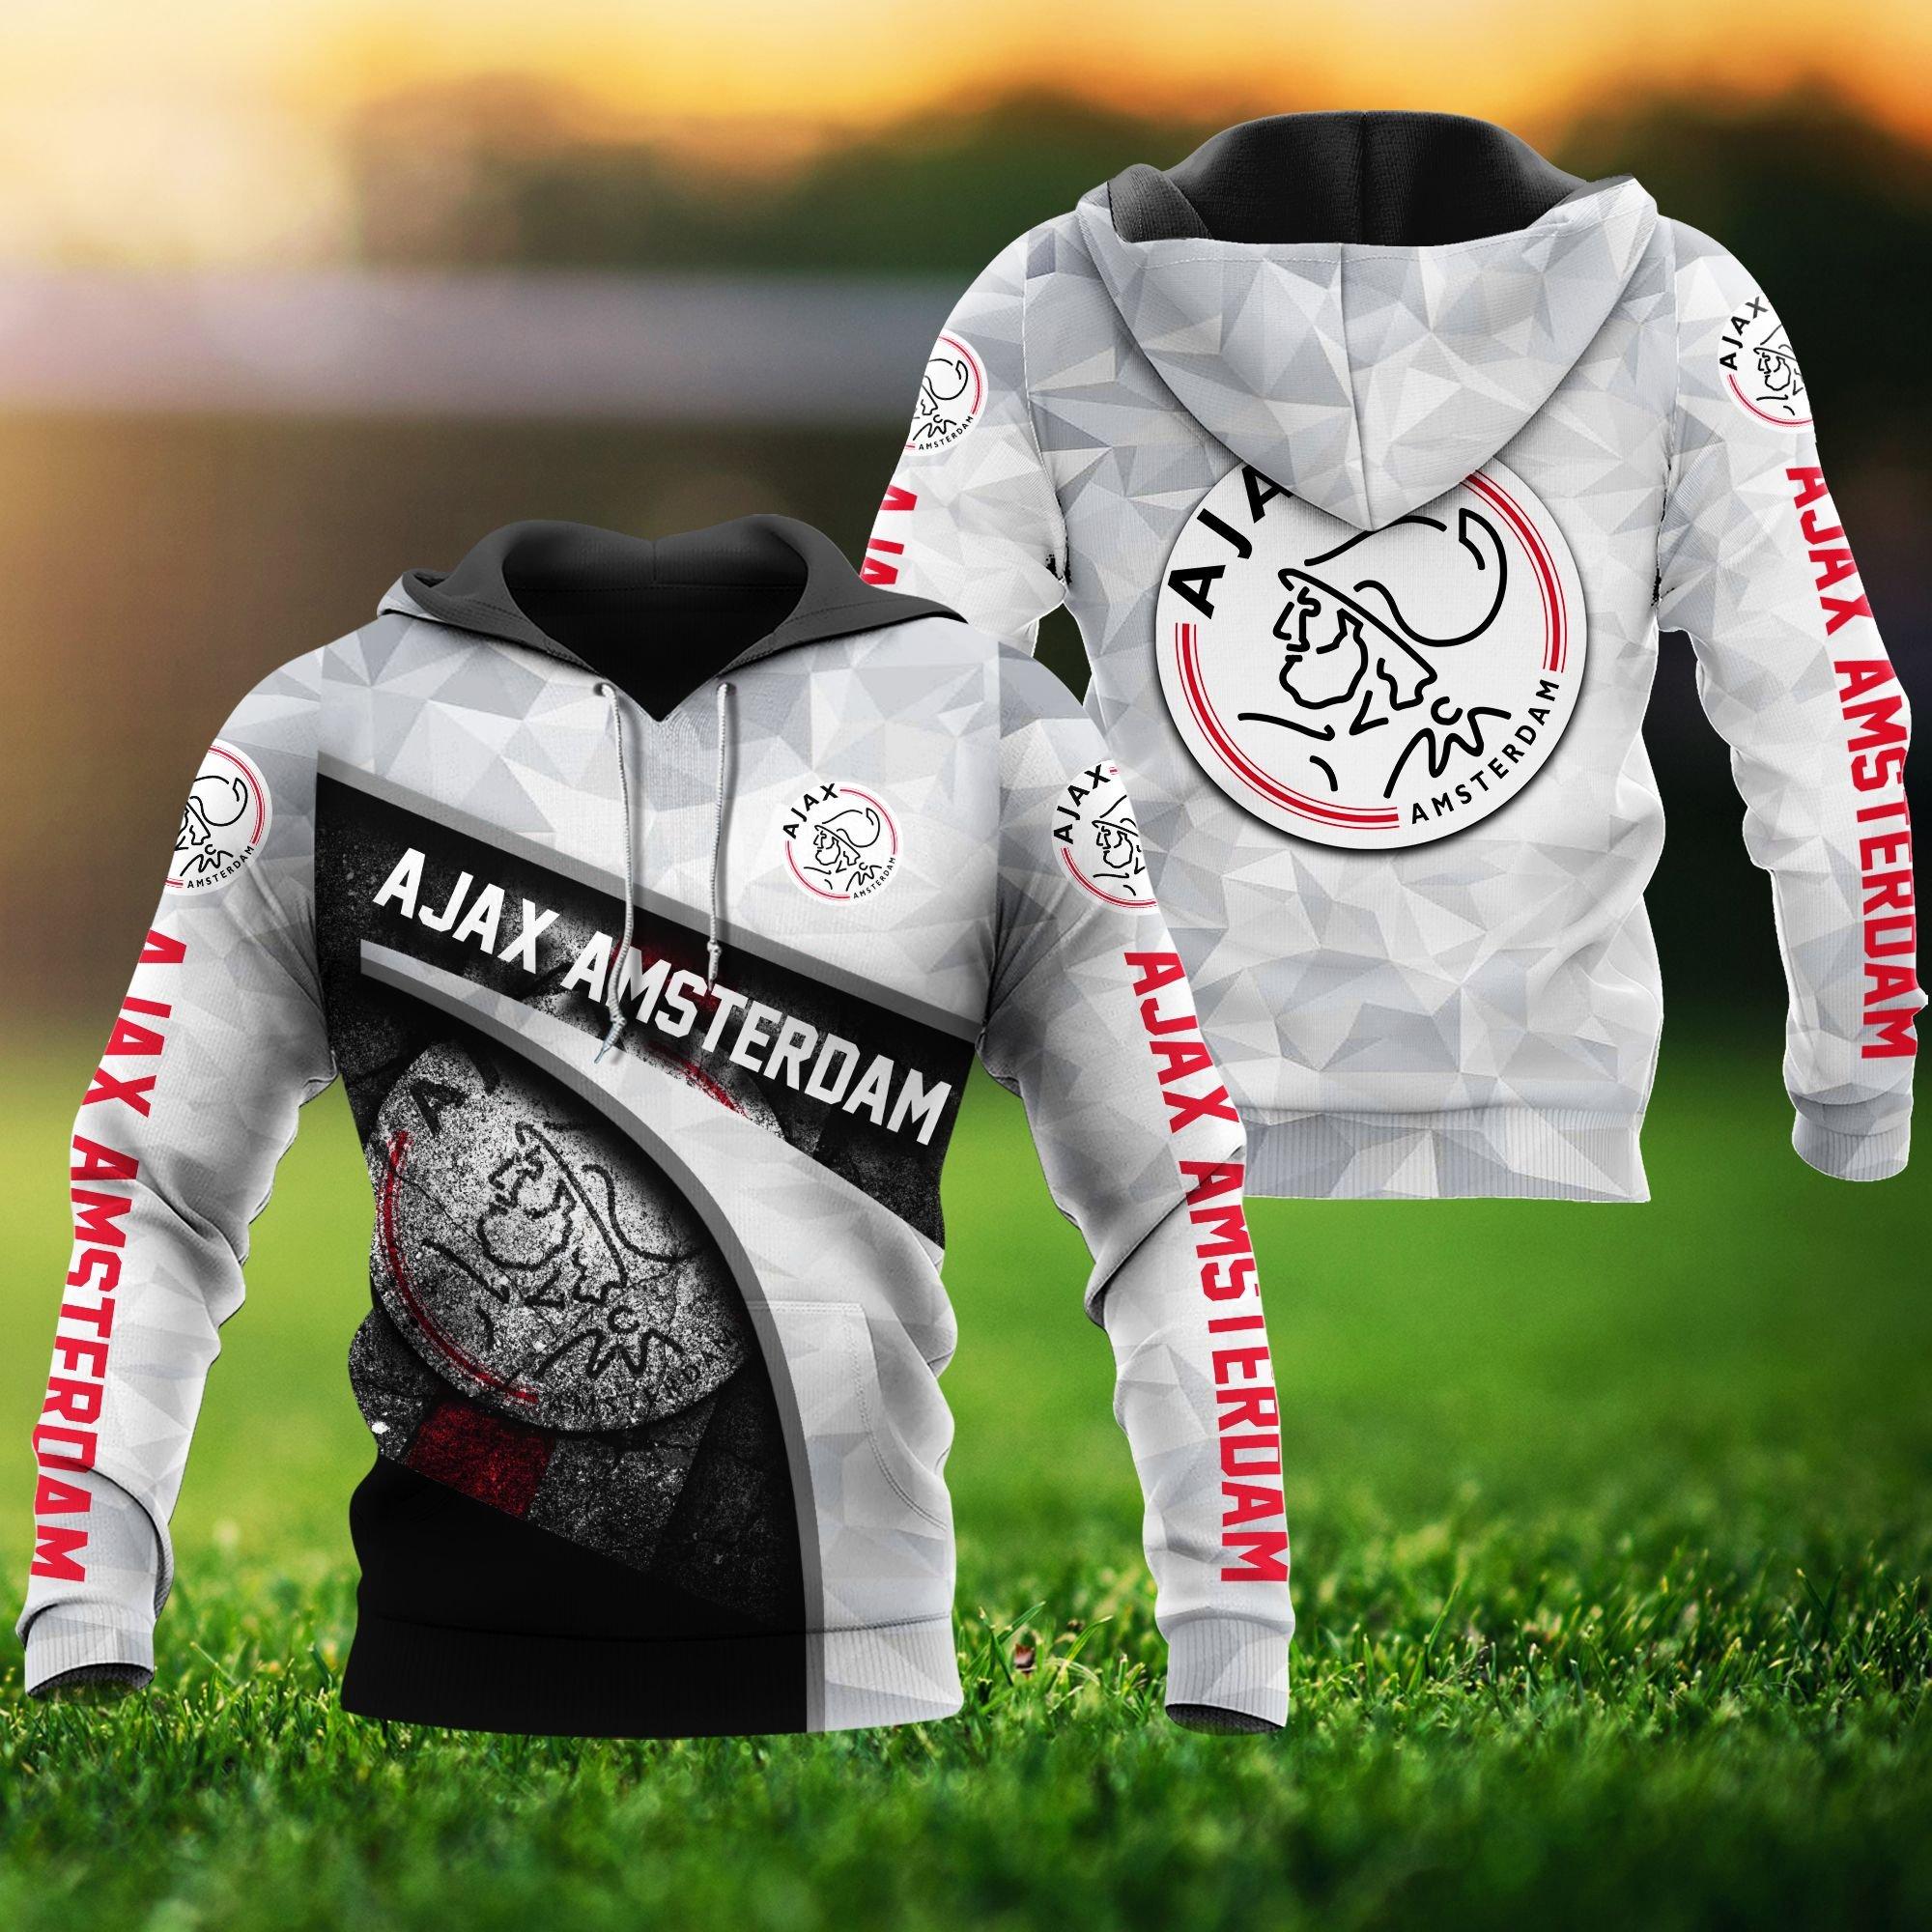 Ajax Amstermdam Hoodie 3D